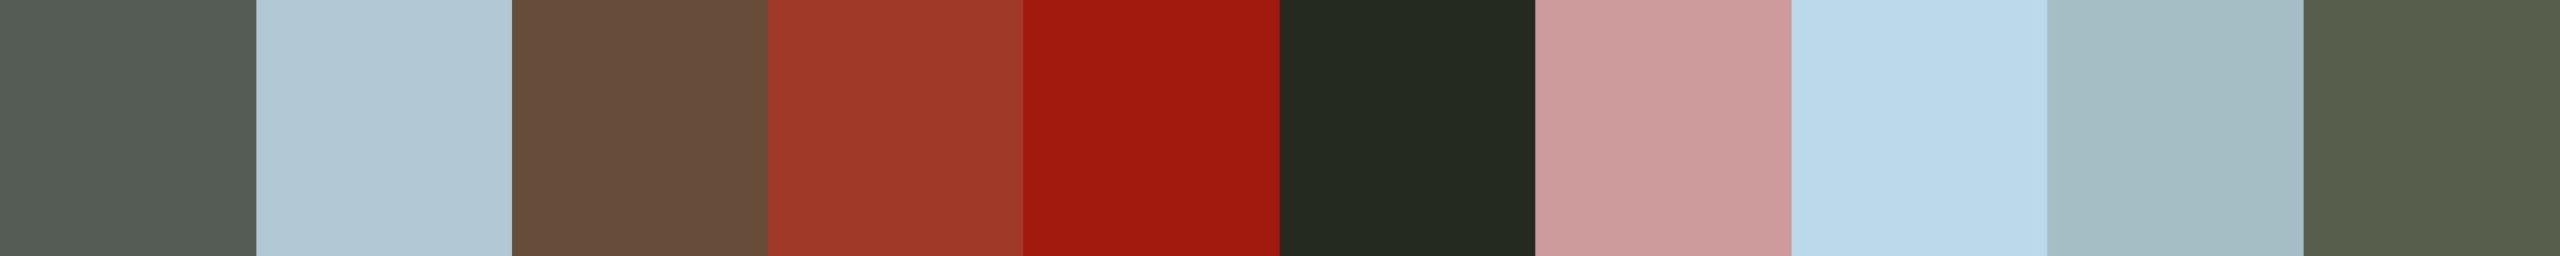 243 Juilaca Color Palette